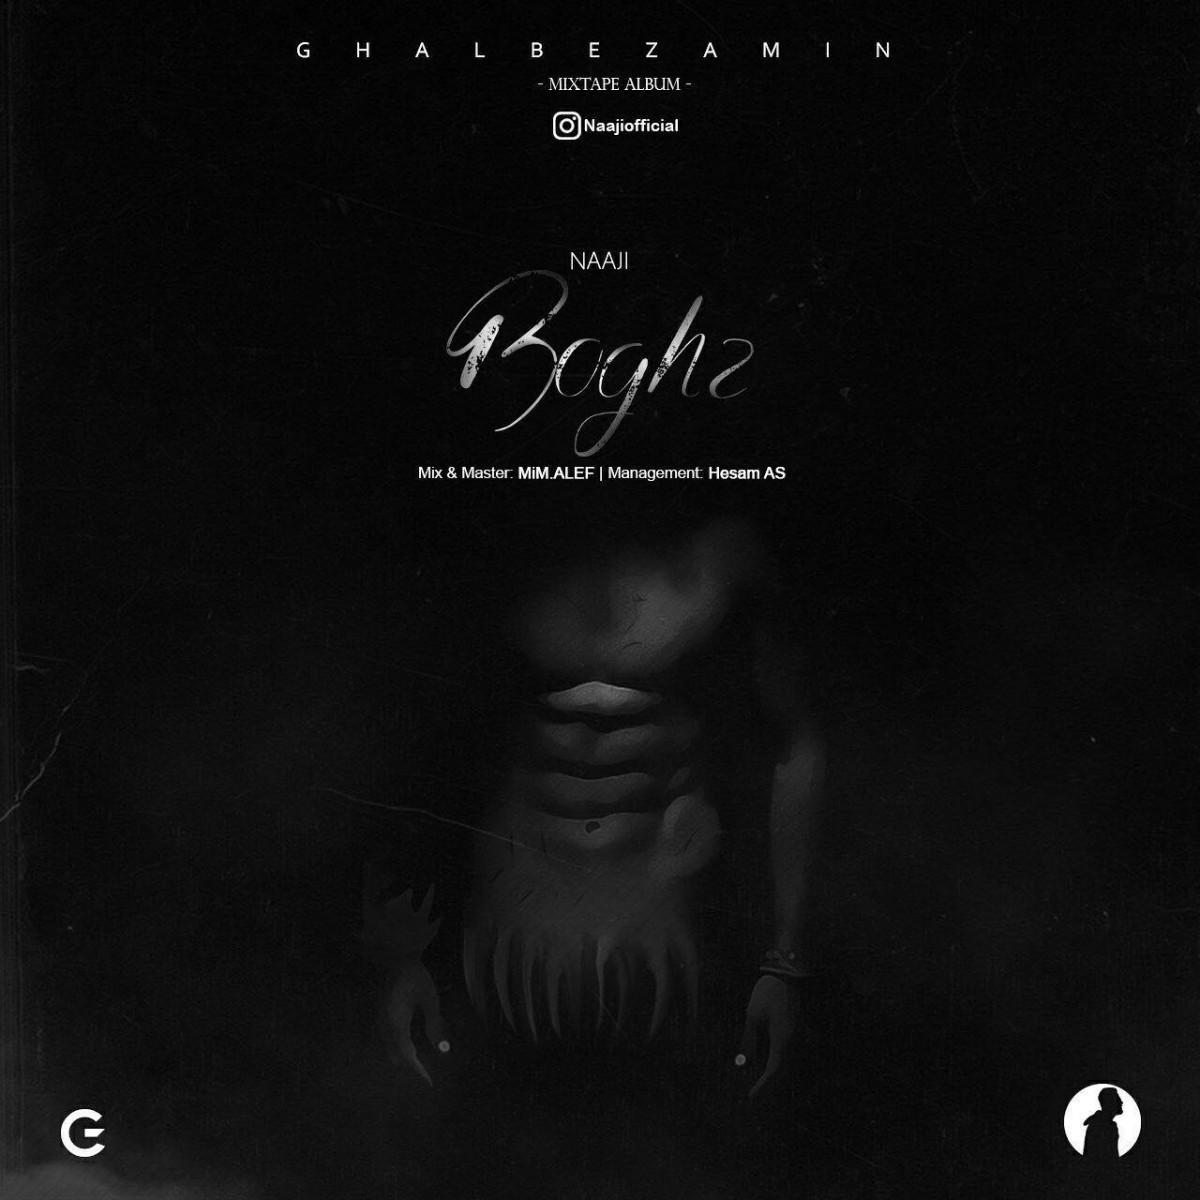 نامبر وان موزیک | دانلود آهنگ جدید Naaji-Boghz